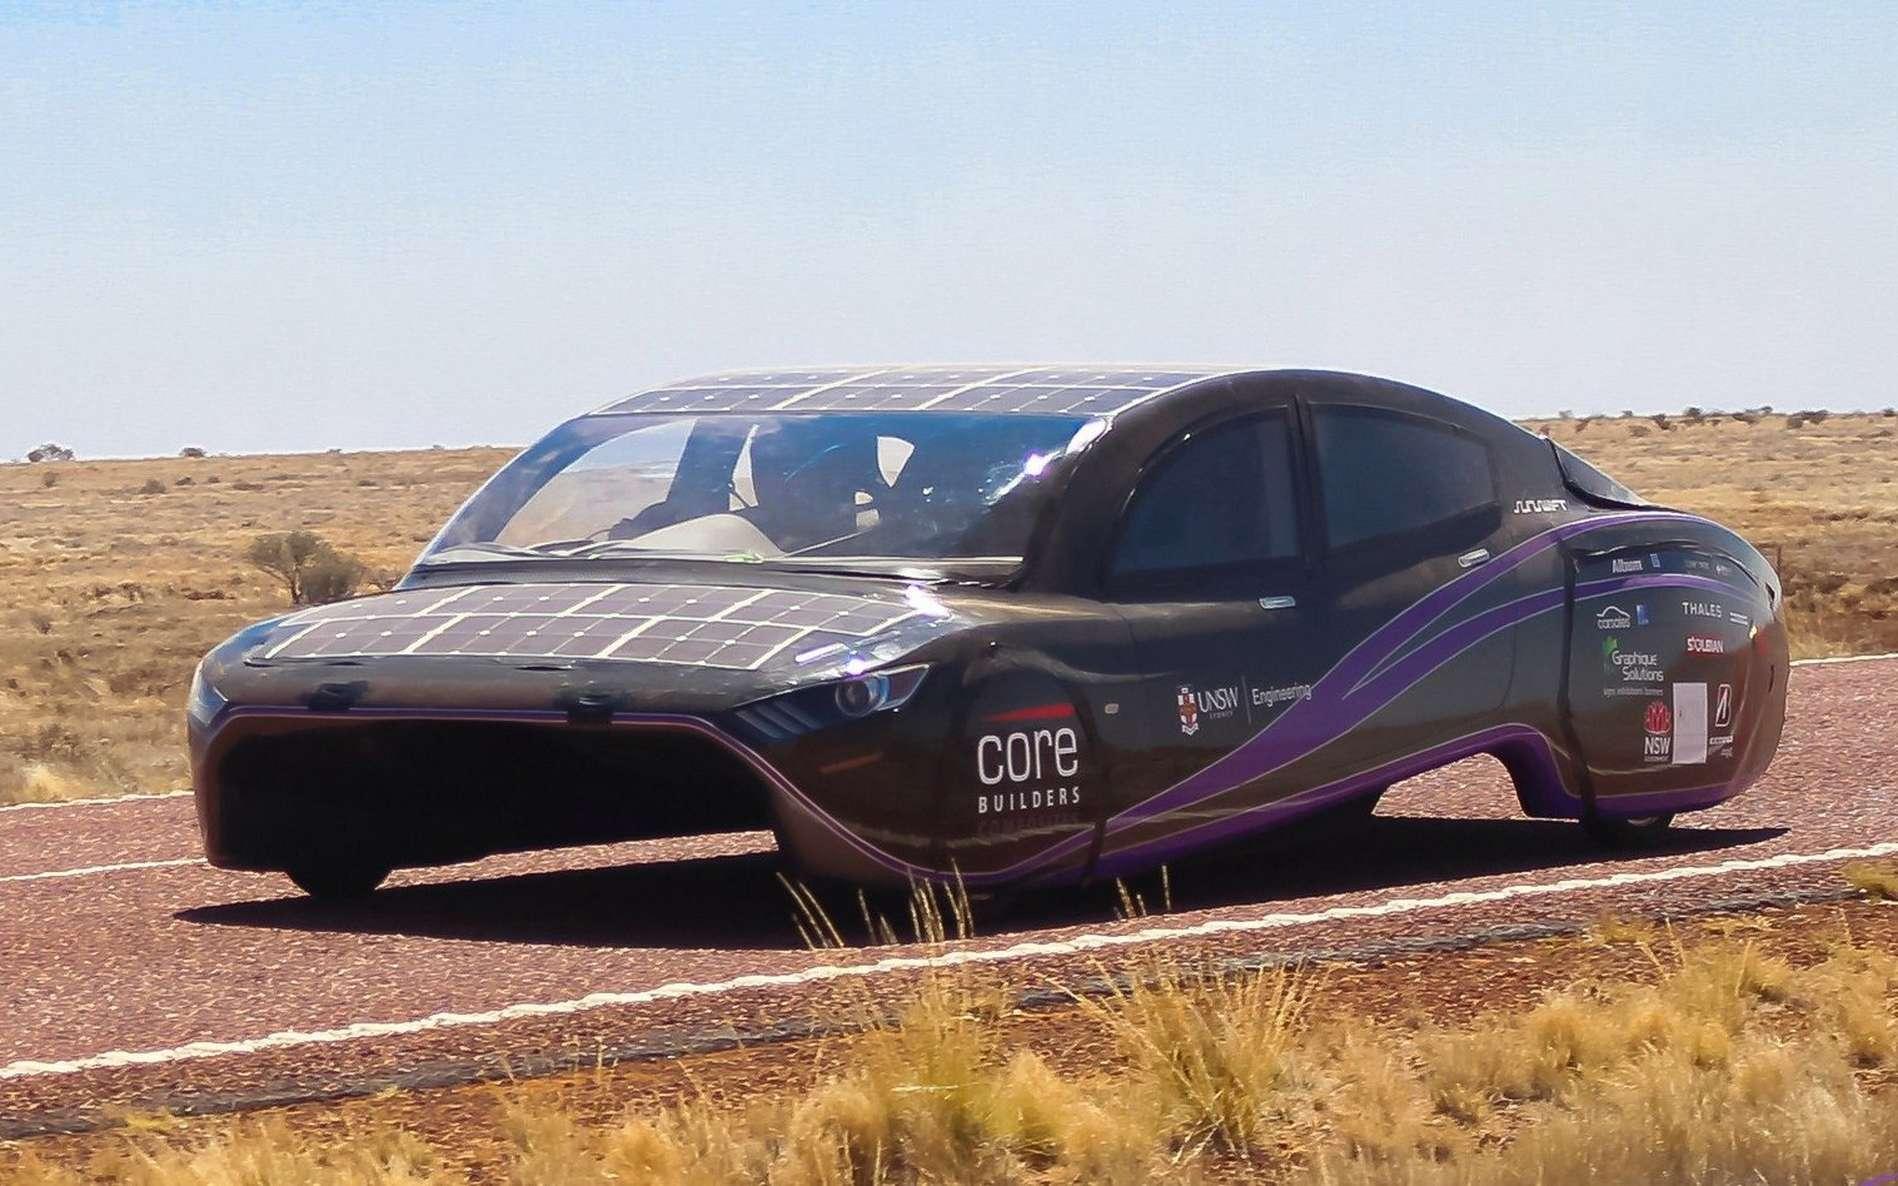 La voiture solaire Violet de l'équipe Sunswift de l'université de Nouvelle-Galles du Sud en Australie. © UNSW